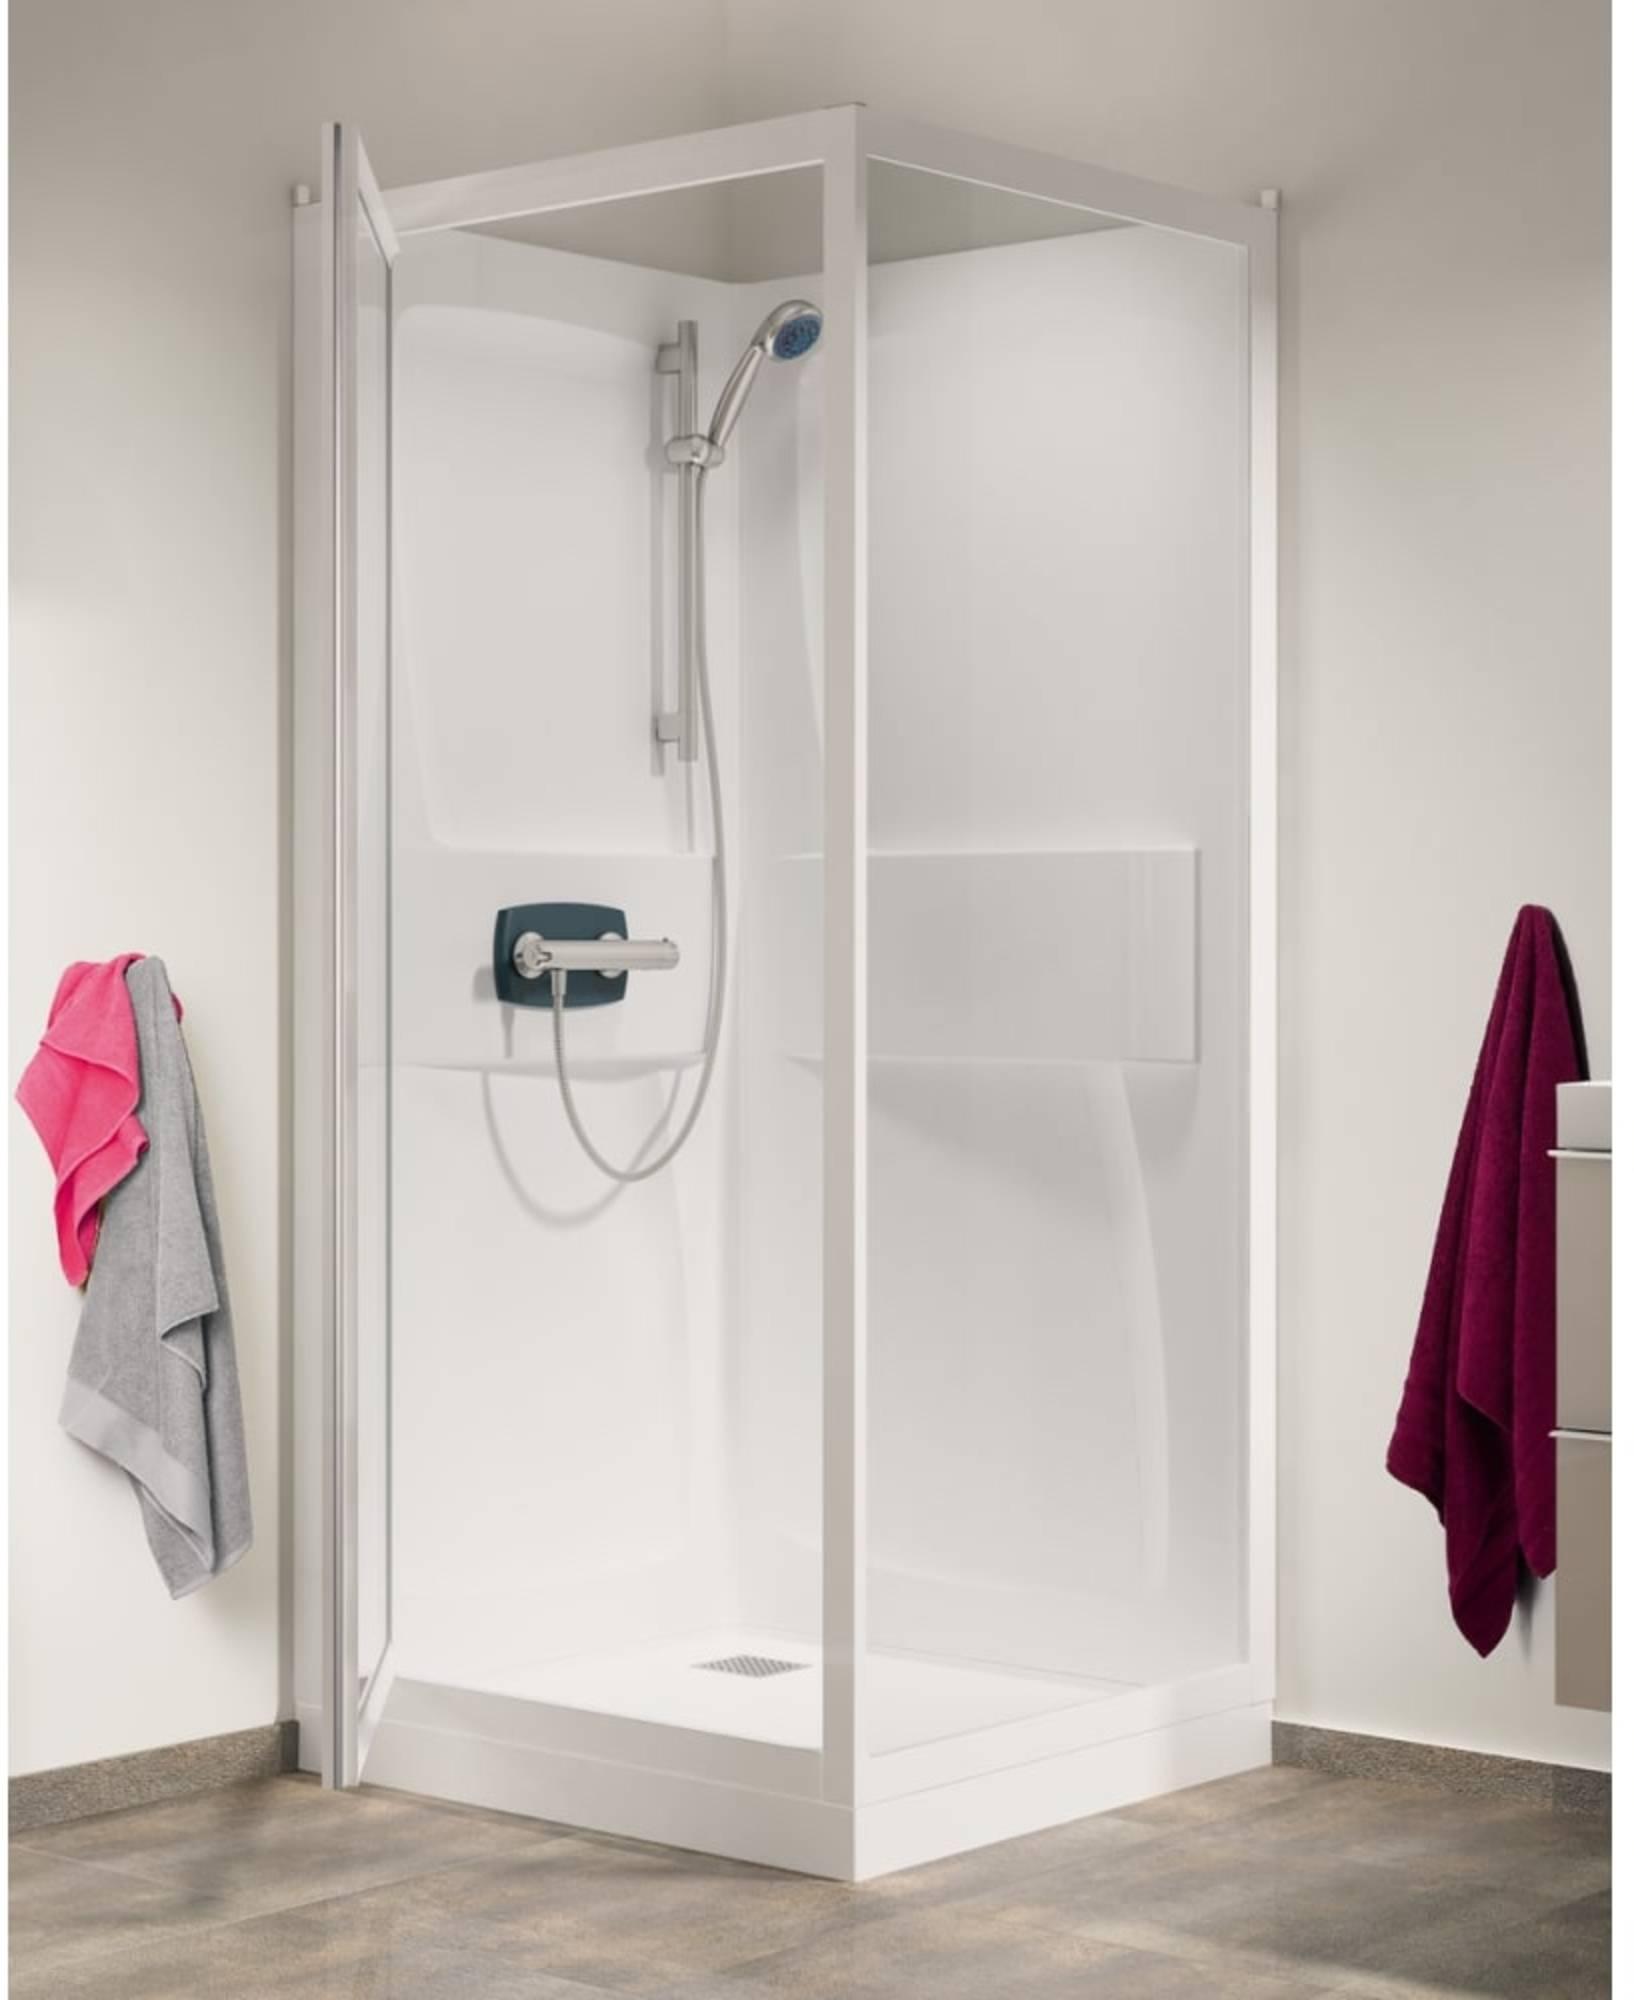 Productafbeelding van Kinedo Kineprime cabine 90x208 Draaideur+thermostaat Douchebak 18cm